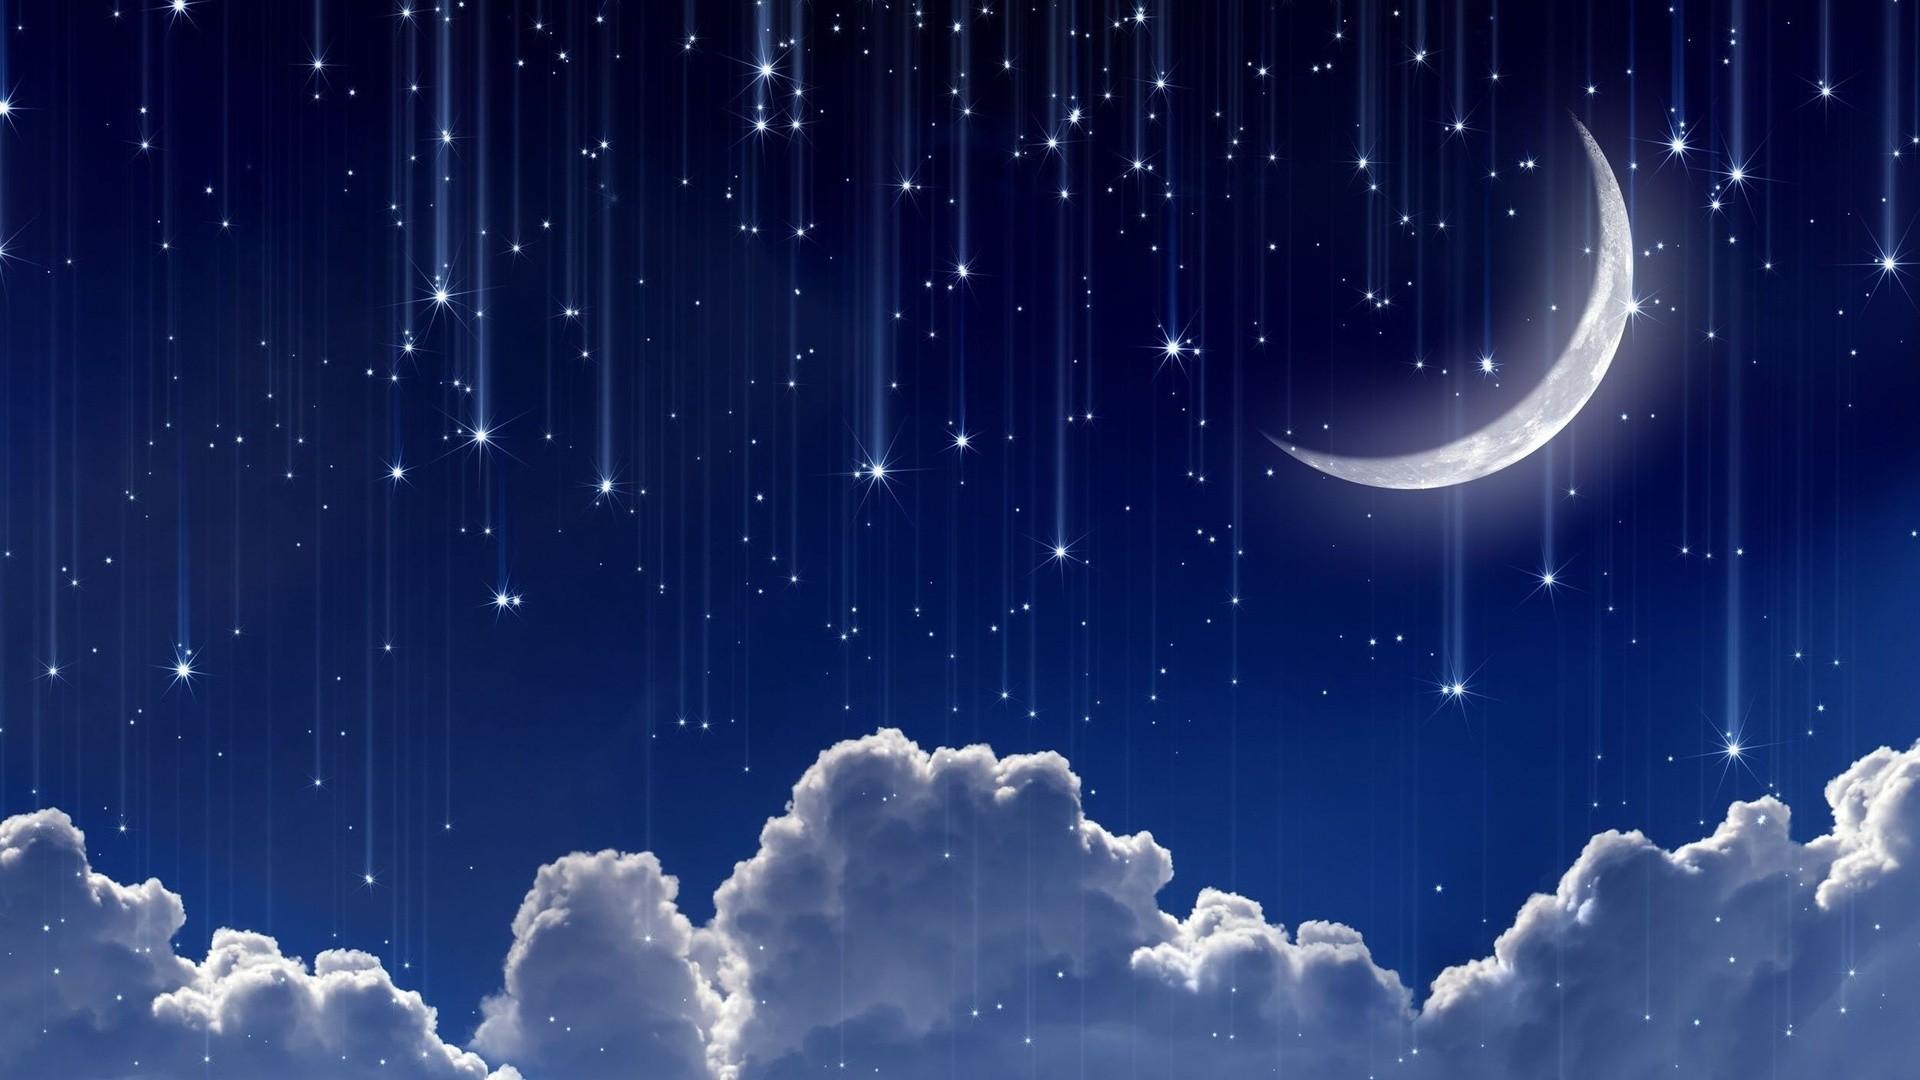 Fondos De Pantalla : Arte Digital, Noche, Cielo, Fondo